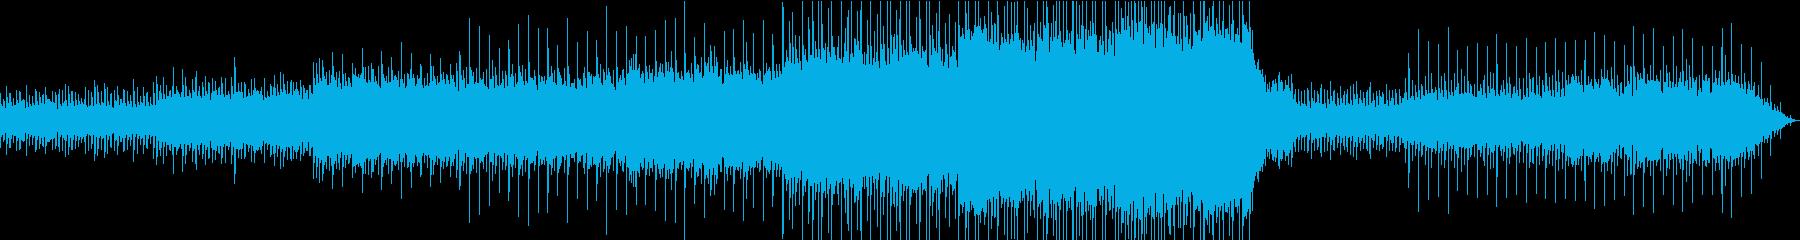 幻想的で浮遊感のあるエレクトロニカの再生済みの波形